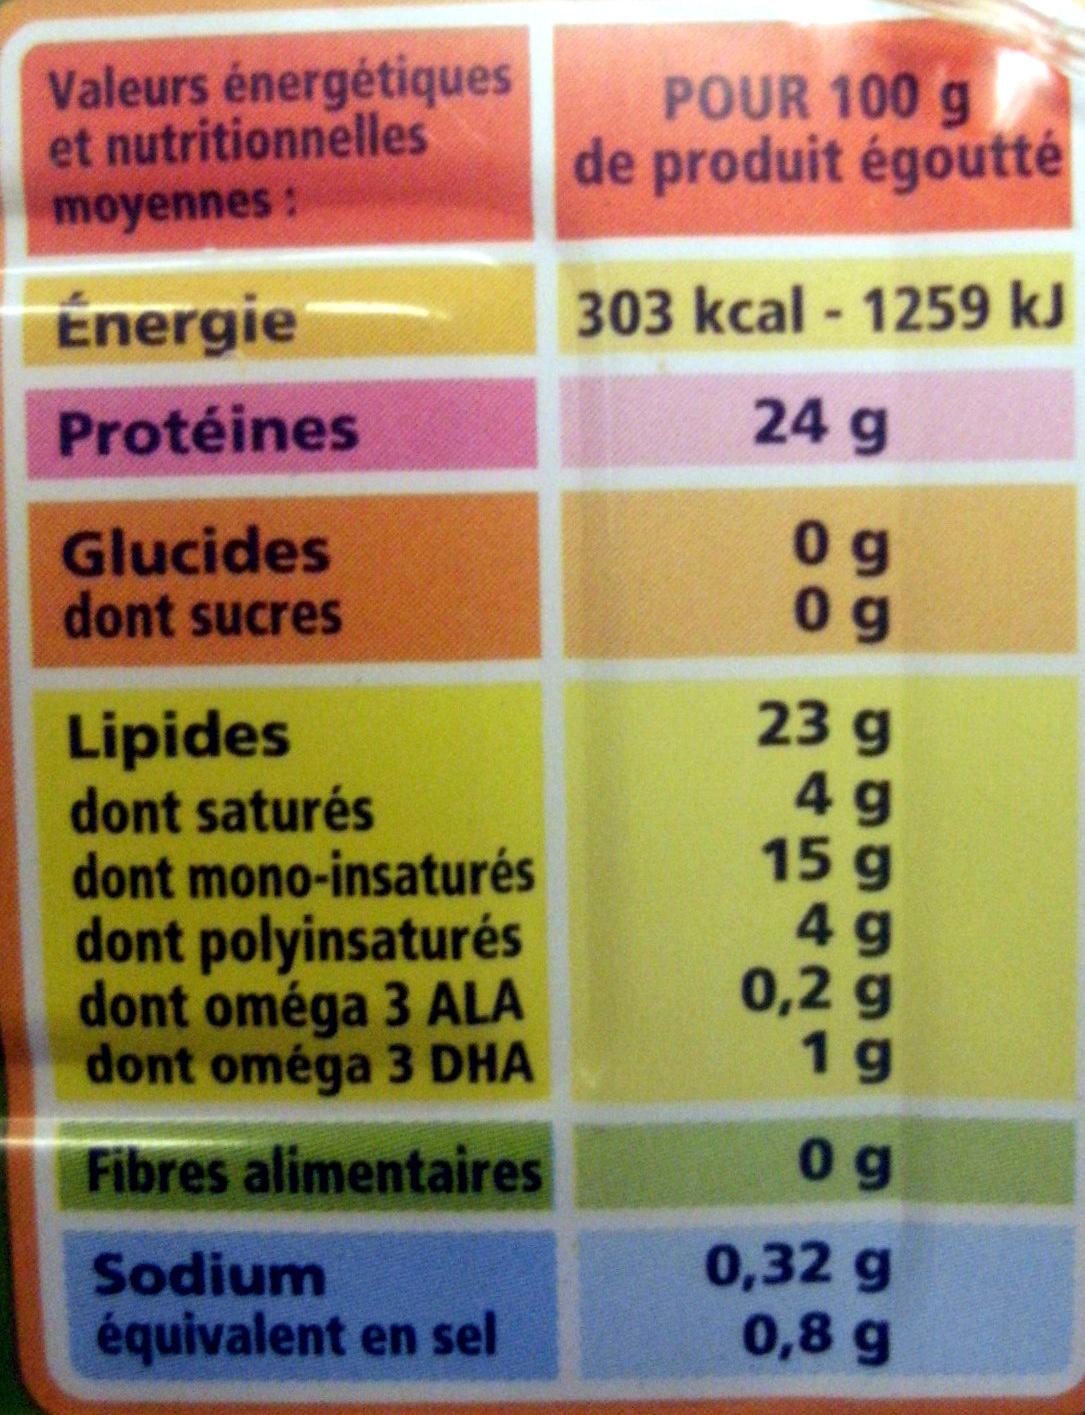 Sardines Huile d'Olive Riche en Omega 3 - Informations nutritionnelles